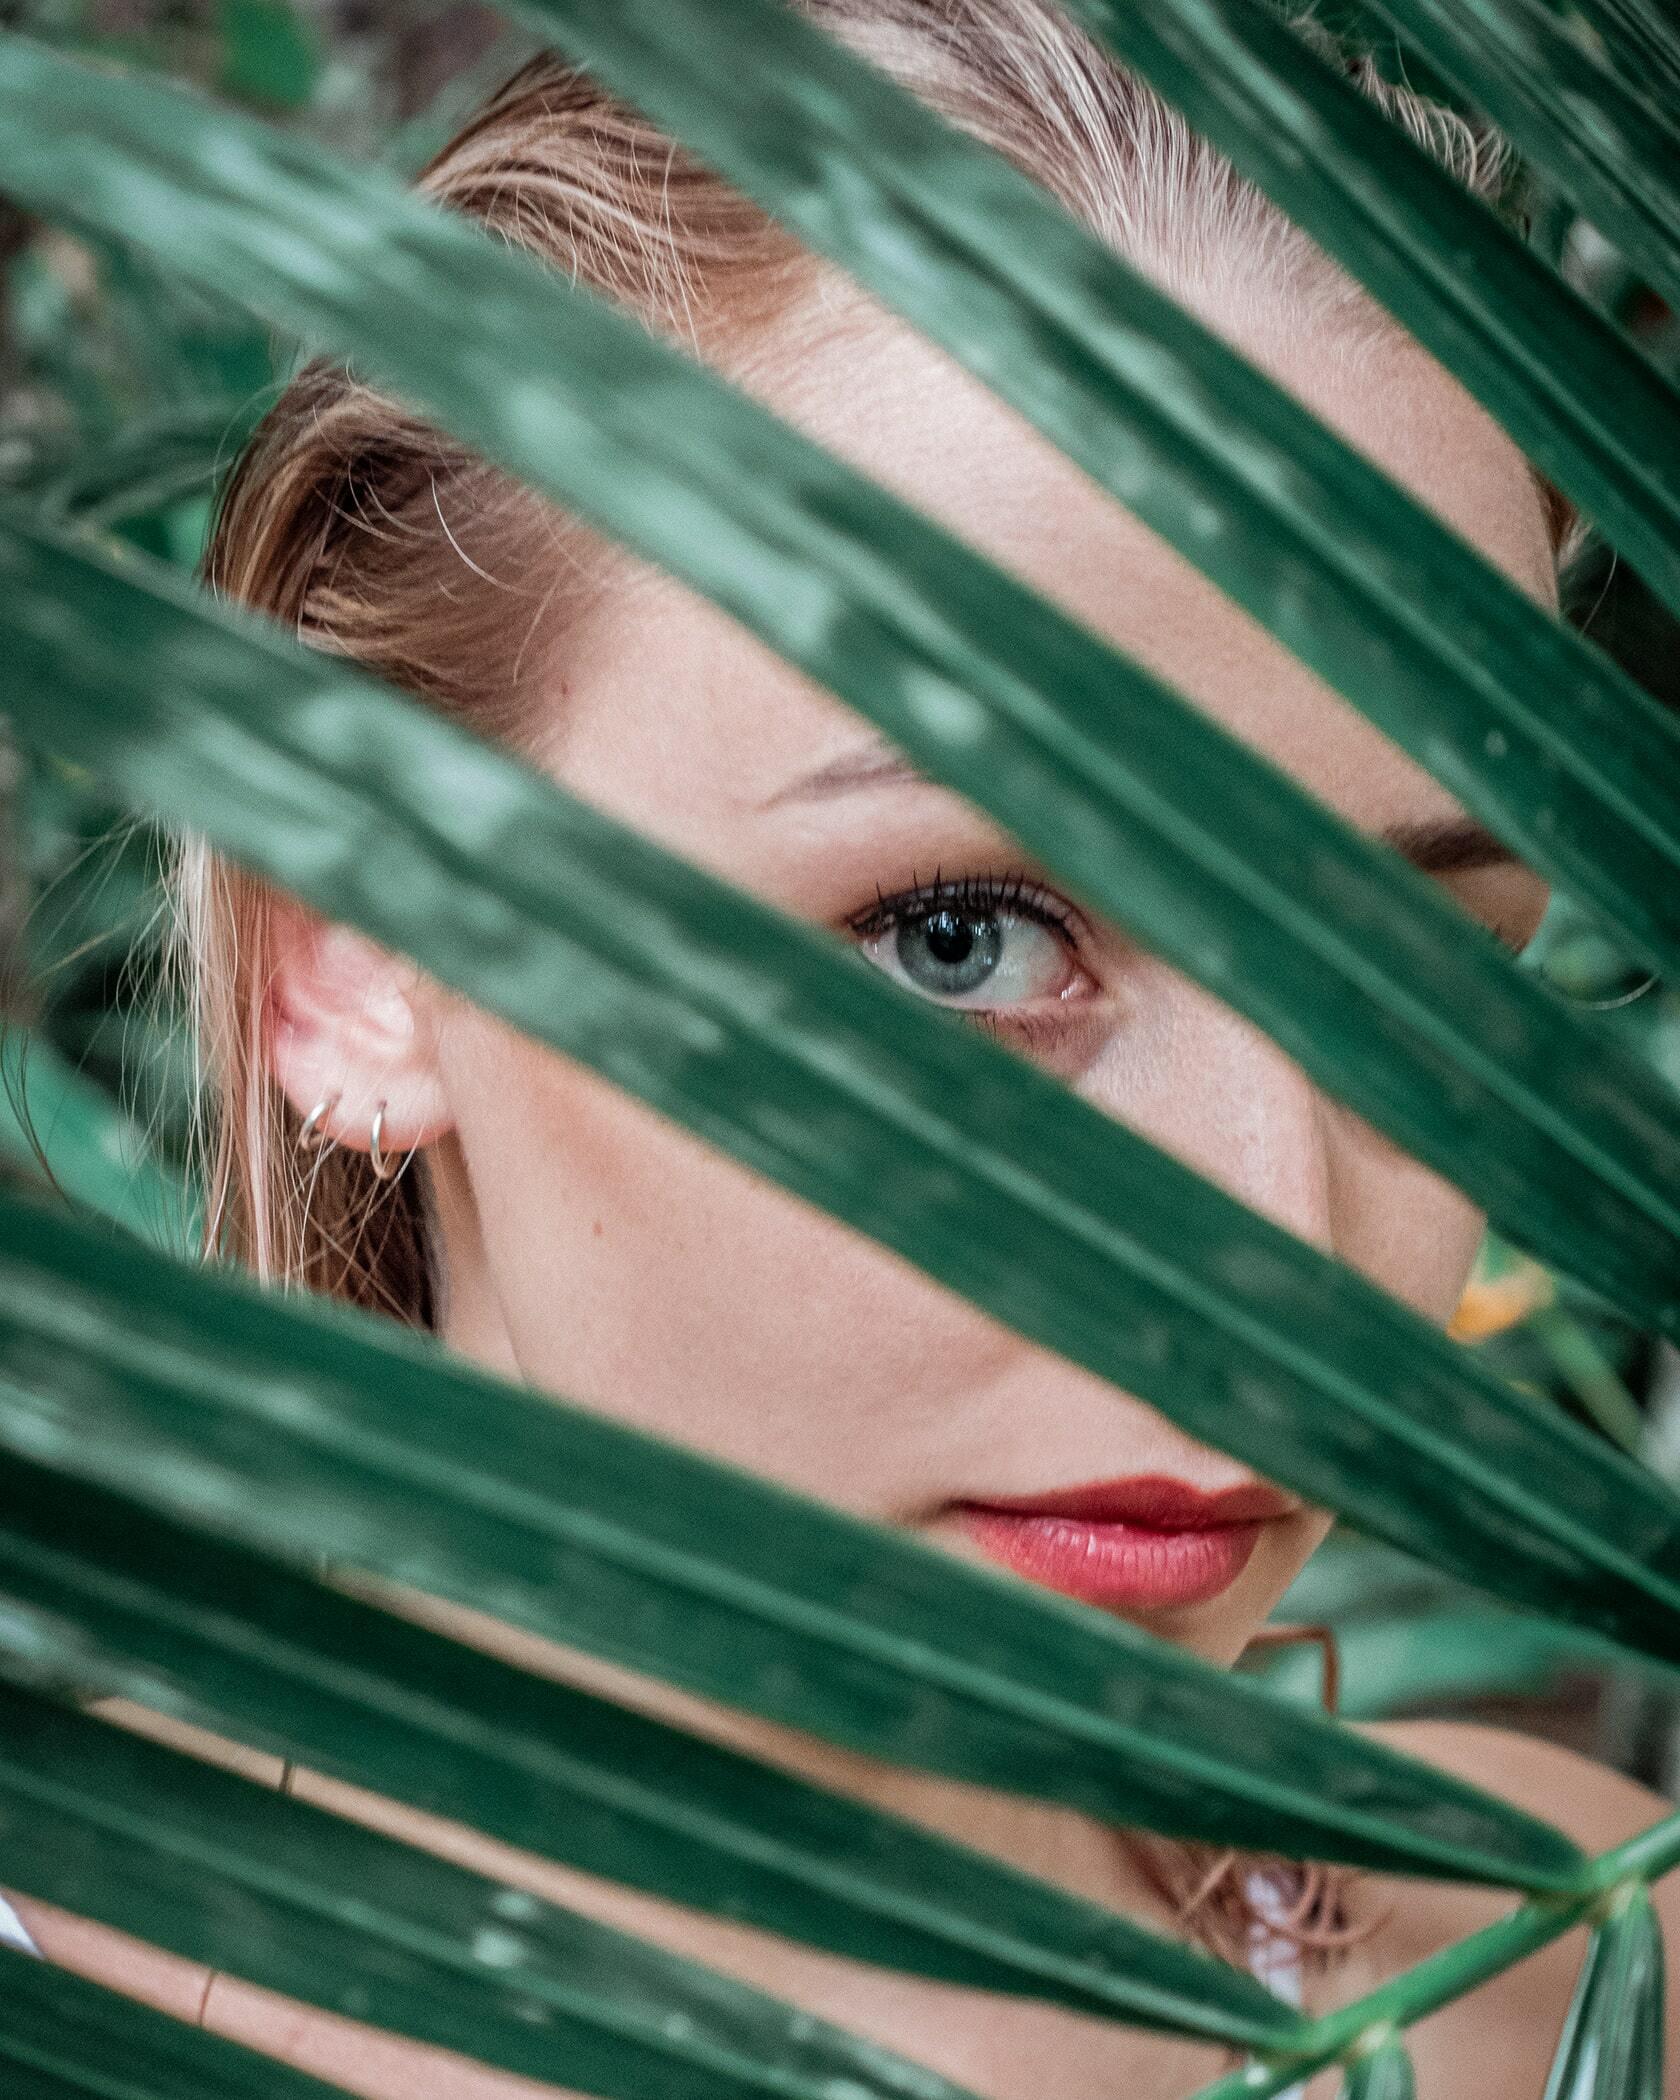 Foto van persoon met blad voor het gezicht uit fotografie collectie mensen van Simon Wijers